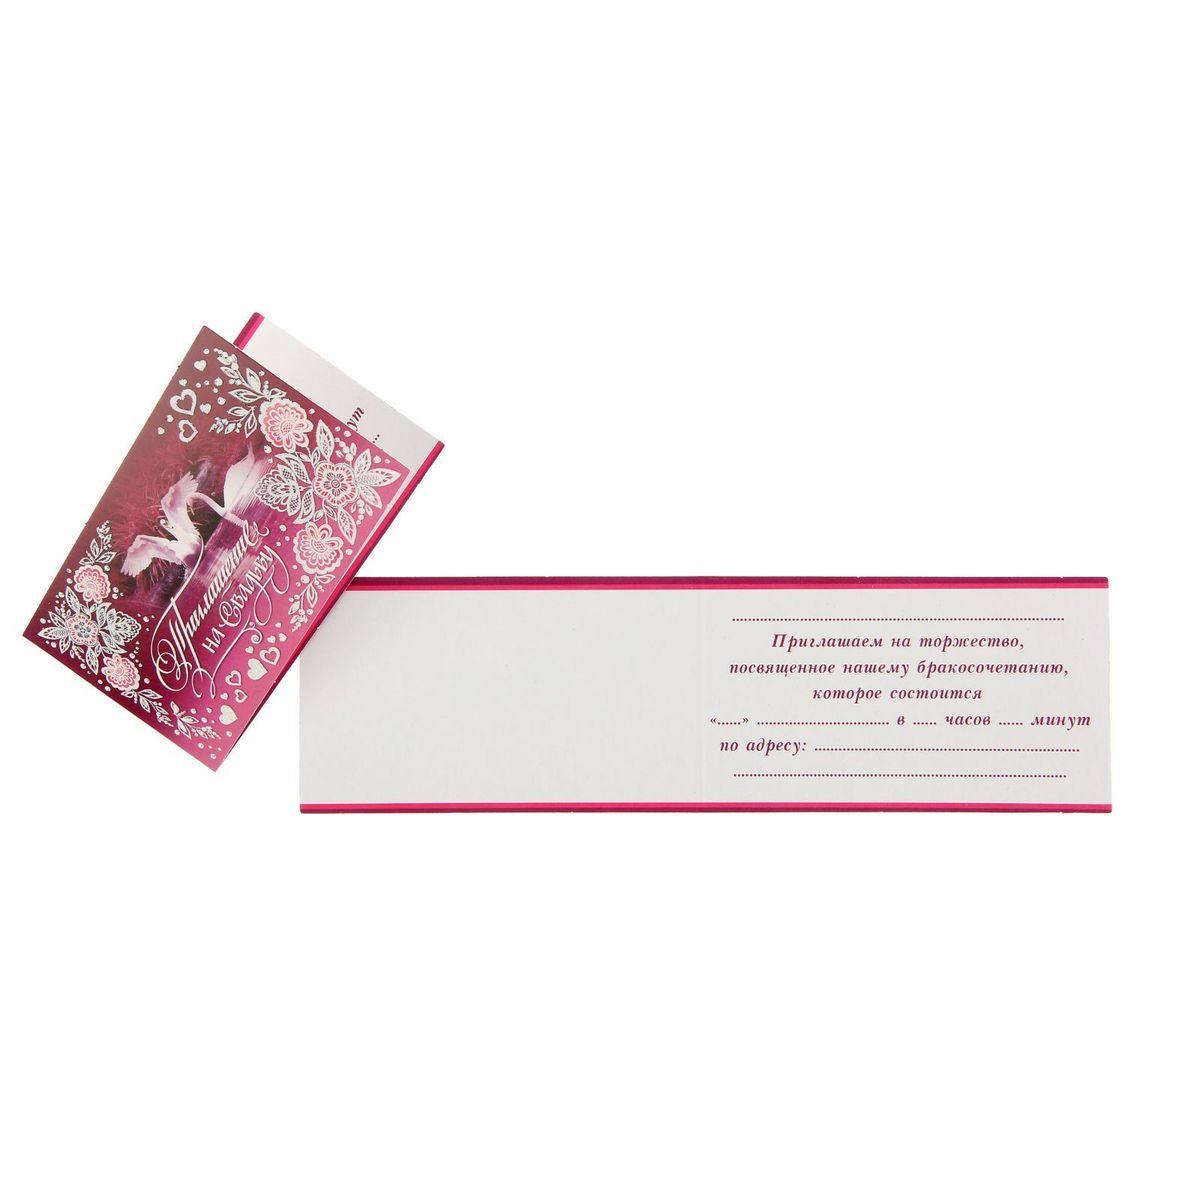 Приглашение на свадьбу Мир открыток Лебеди1197890Приглашение на свадьбу Мир открыток Лебеди, выполненное из картона, отличается не только оригинальным дизайном, но и высоким качеством. Лицевая сторона изделия оформлена красивым изображением лебедей, а также изящным узором. Внутри содержится поле для записи имени гостя, а также даты и места бракосочетания.Приглашение - один из самых важных элементов вашего торжества. Ведь именно пригласительное письмо станет первым и главным объявлением о том, что вы решили провести столь важное мероприятие. И эта новость обязательно должна быть преподнесена достойным образом. Приглашение - весомая часть всей концепции праздника.